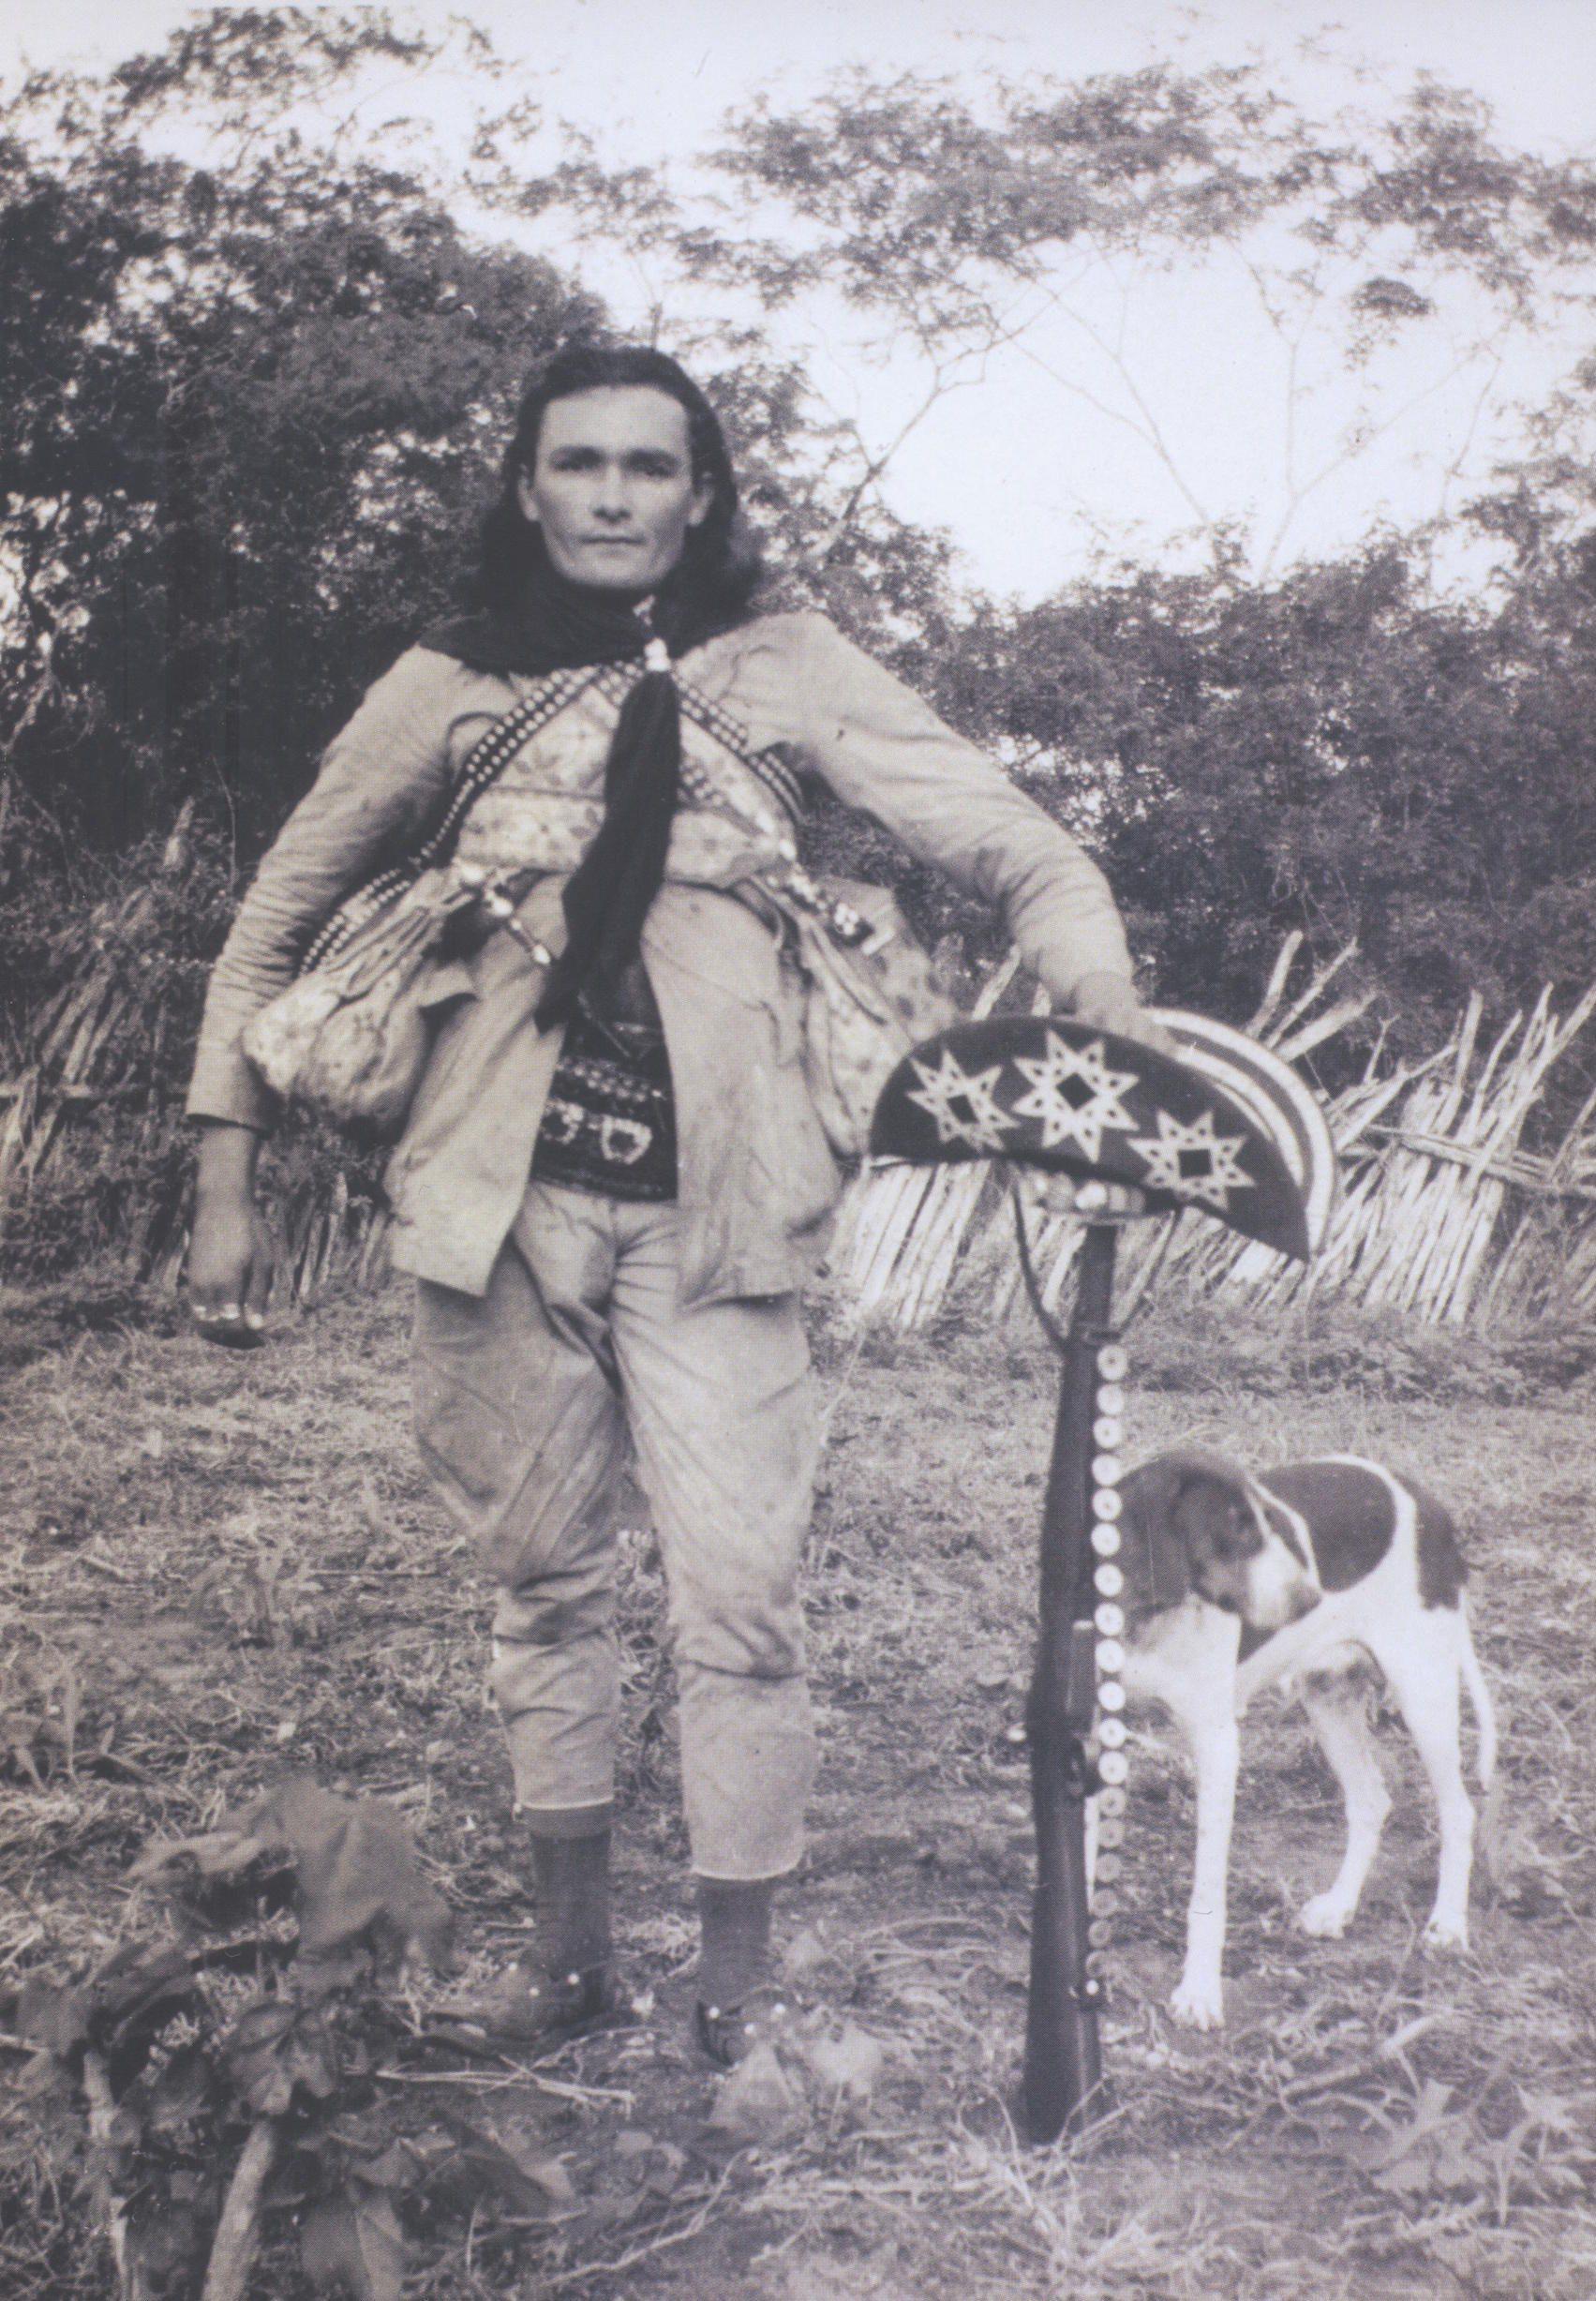 """Corisco e o """"chapéu de dois contos de réis"""", 1936. Foto B. Abrahão, Aba-Film."""